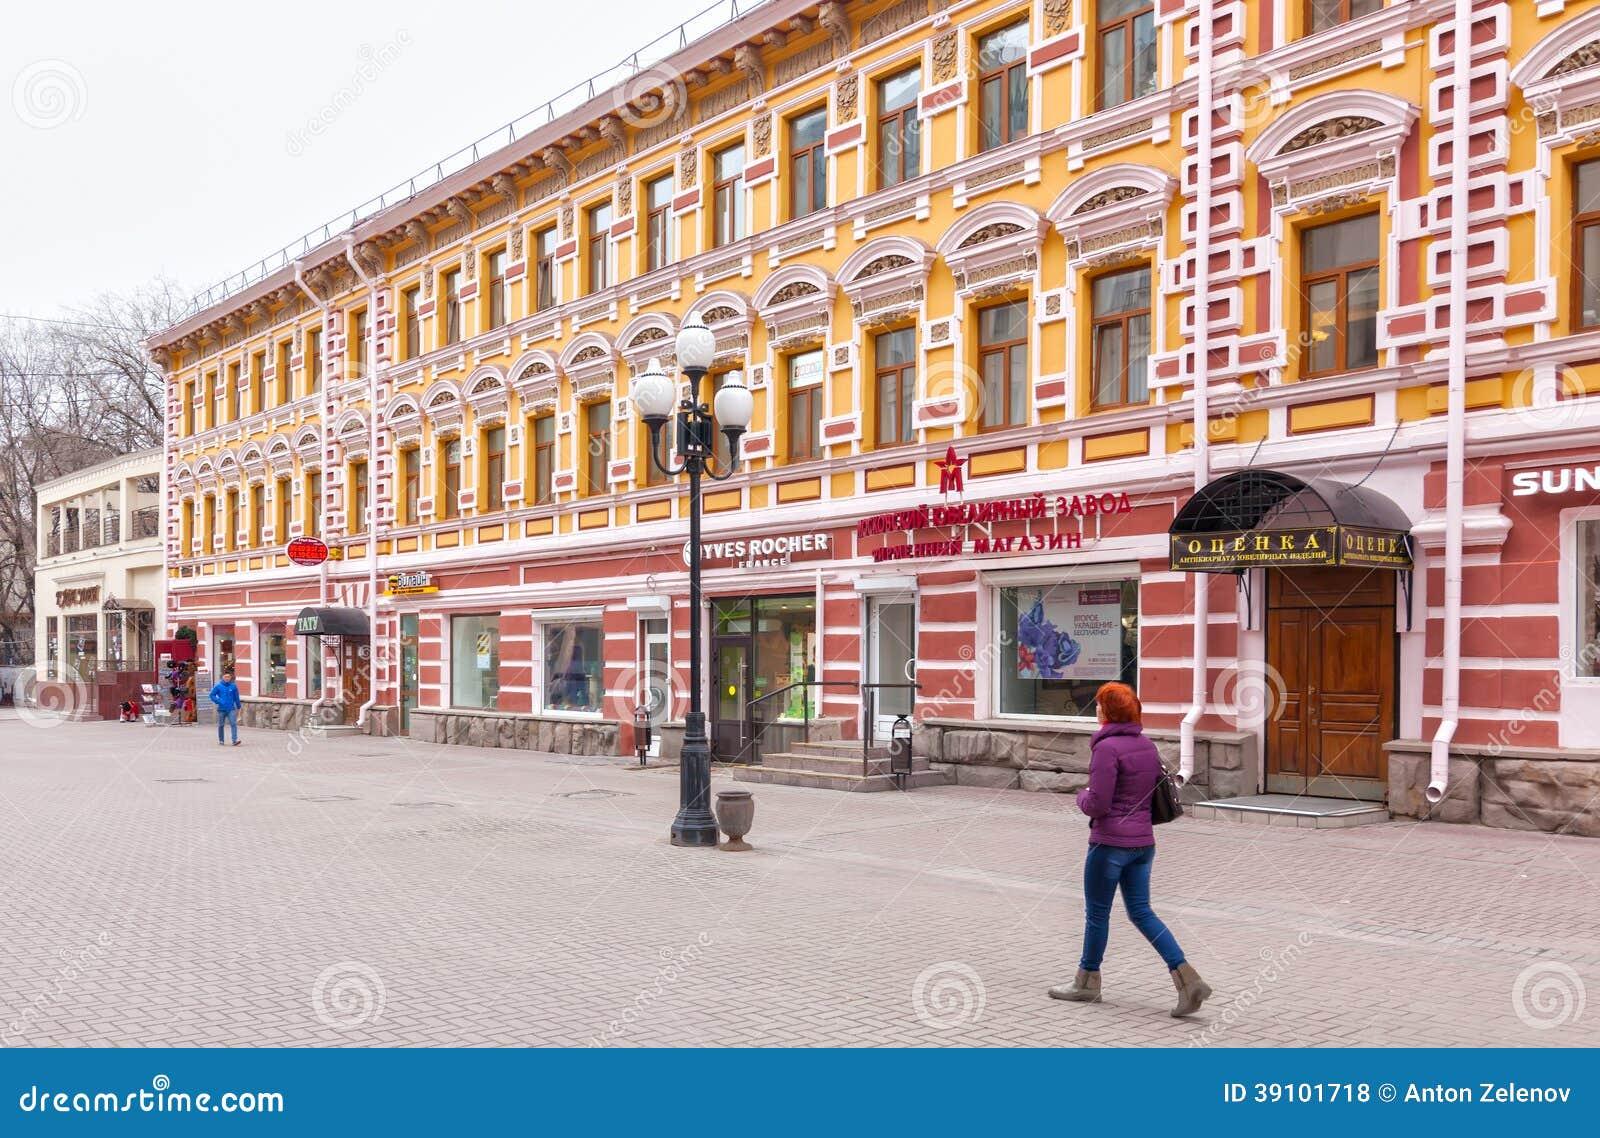 Plaatselijke bewoners en toeristen die op Arbat-straat lopen